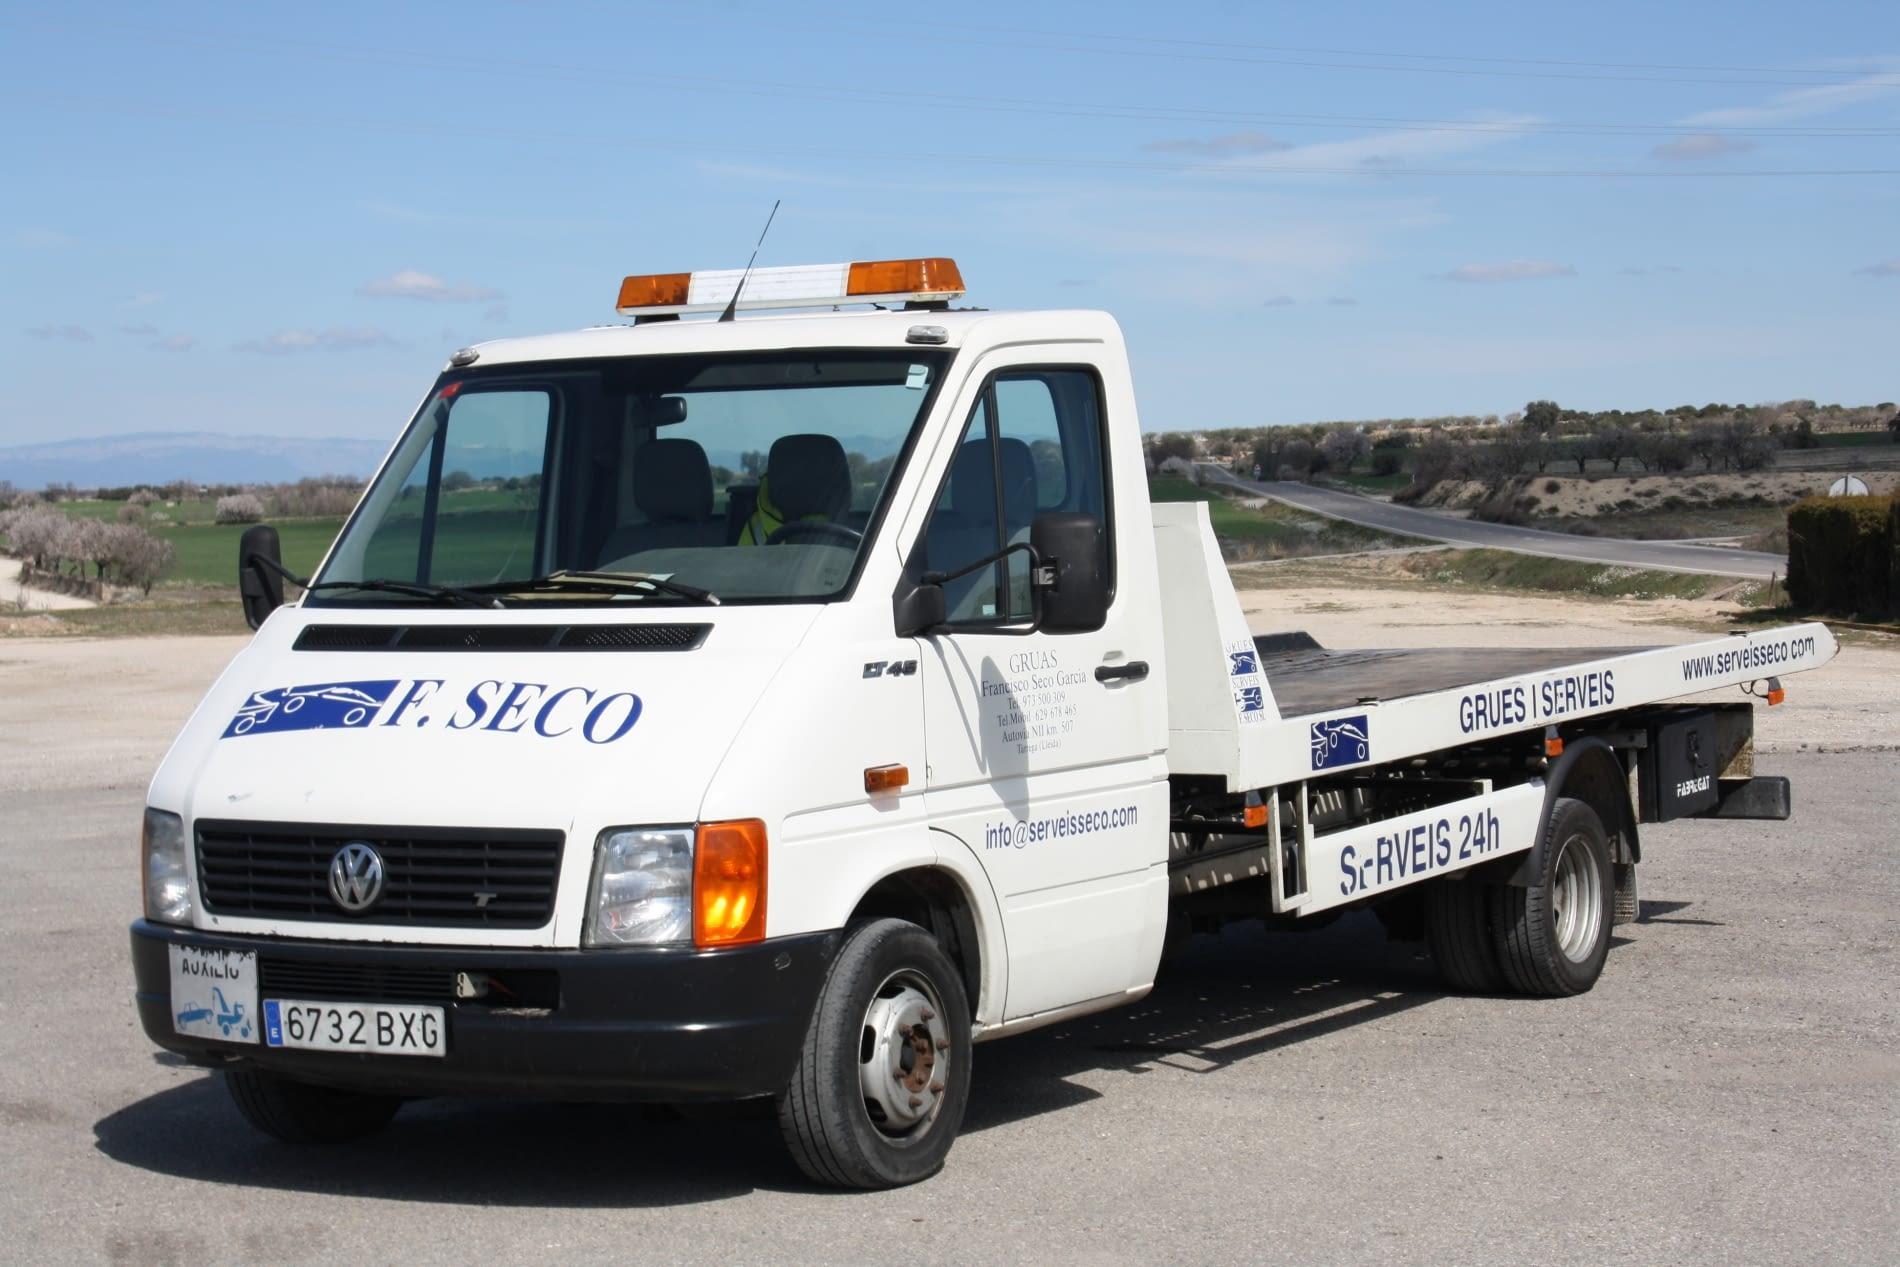 Camionet volkswagen